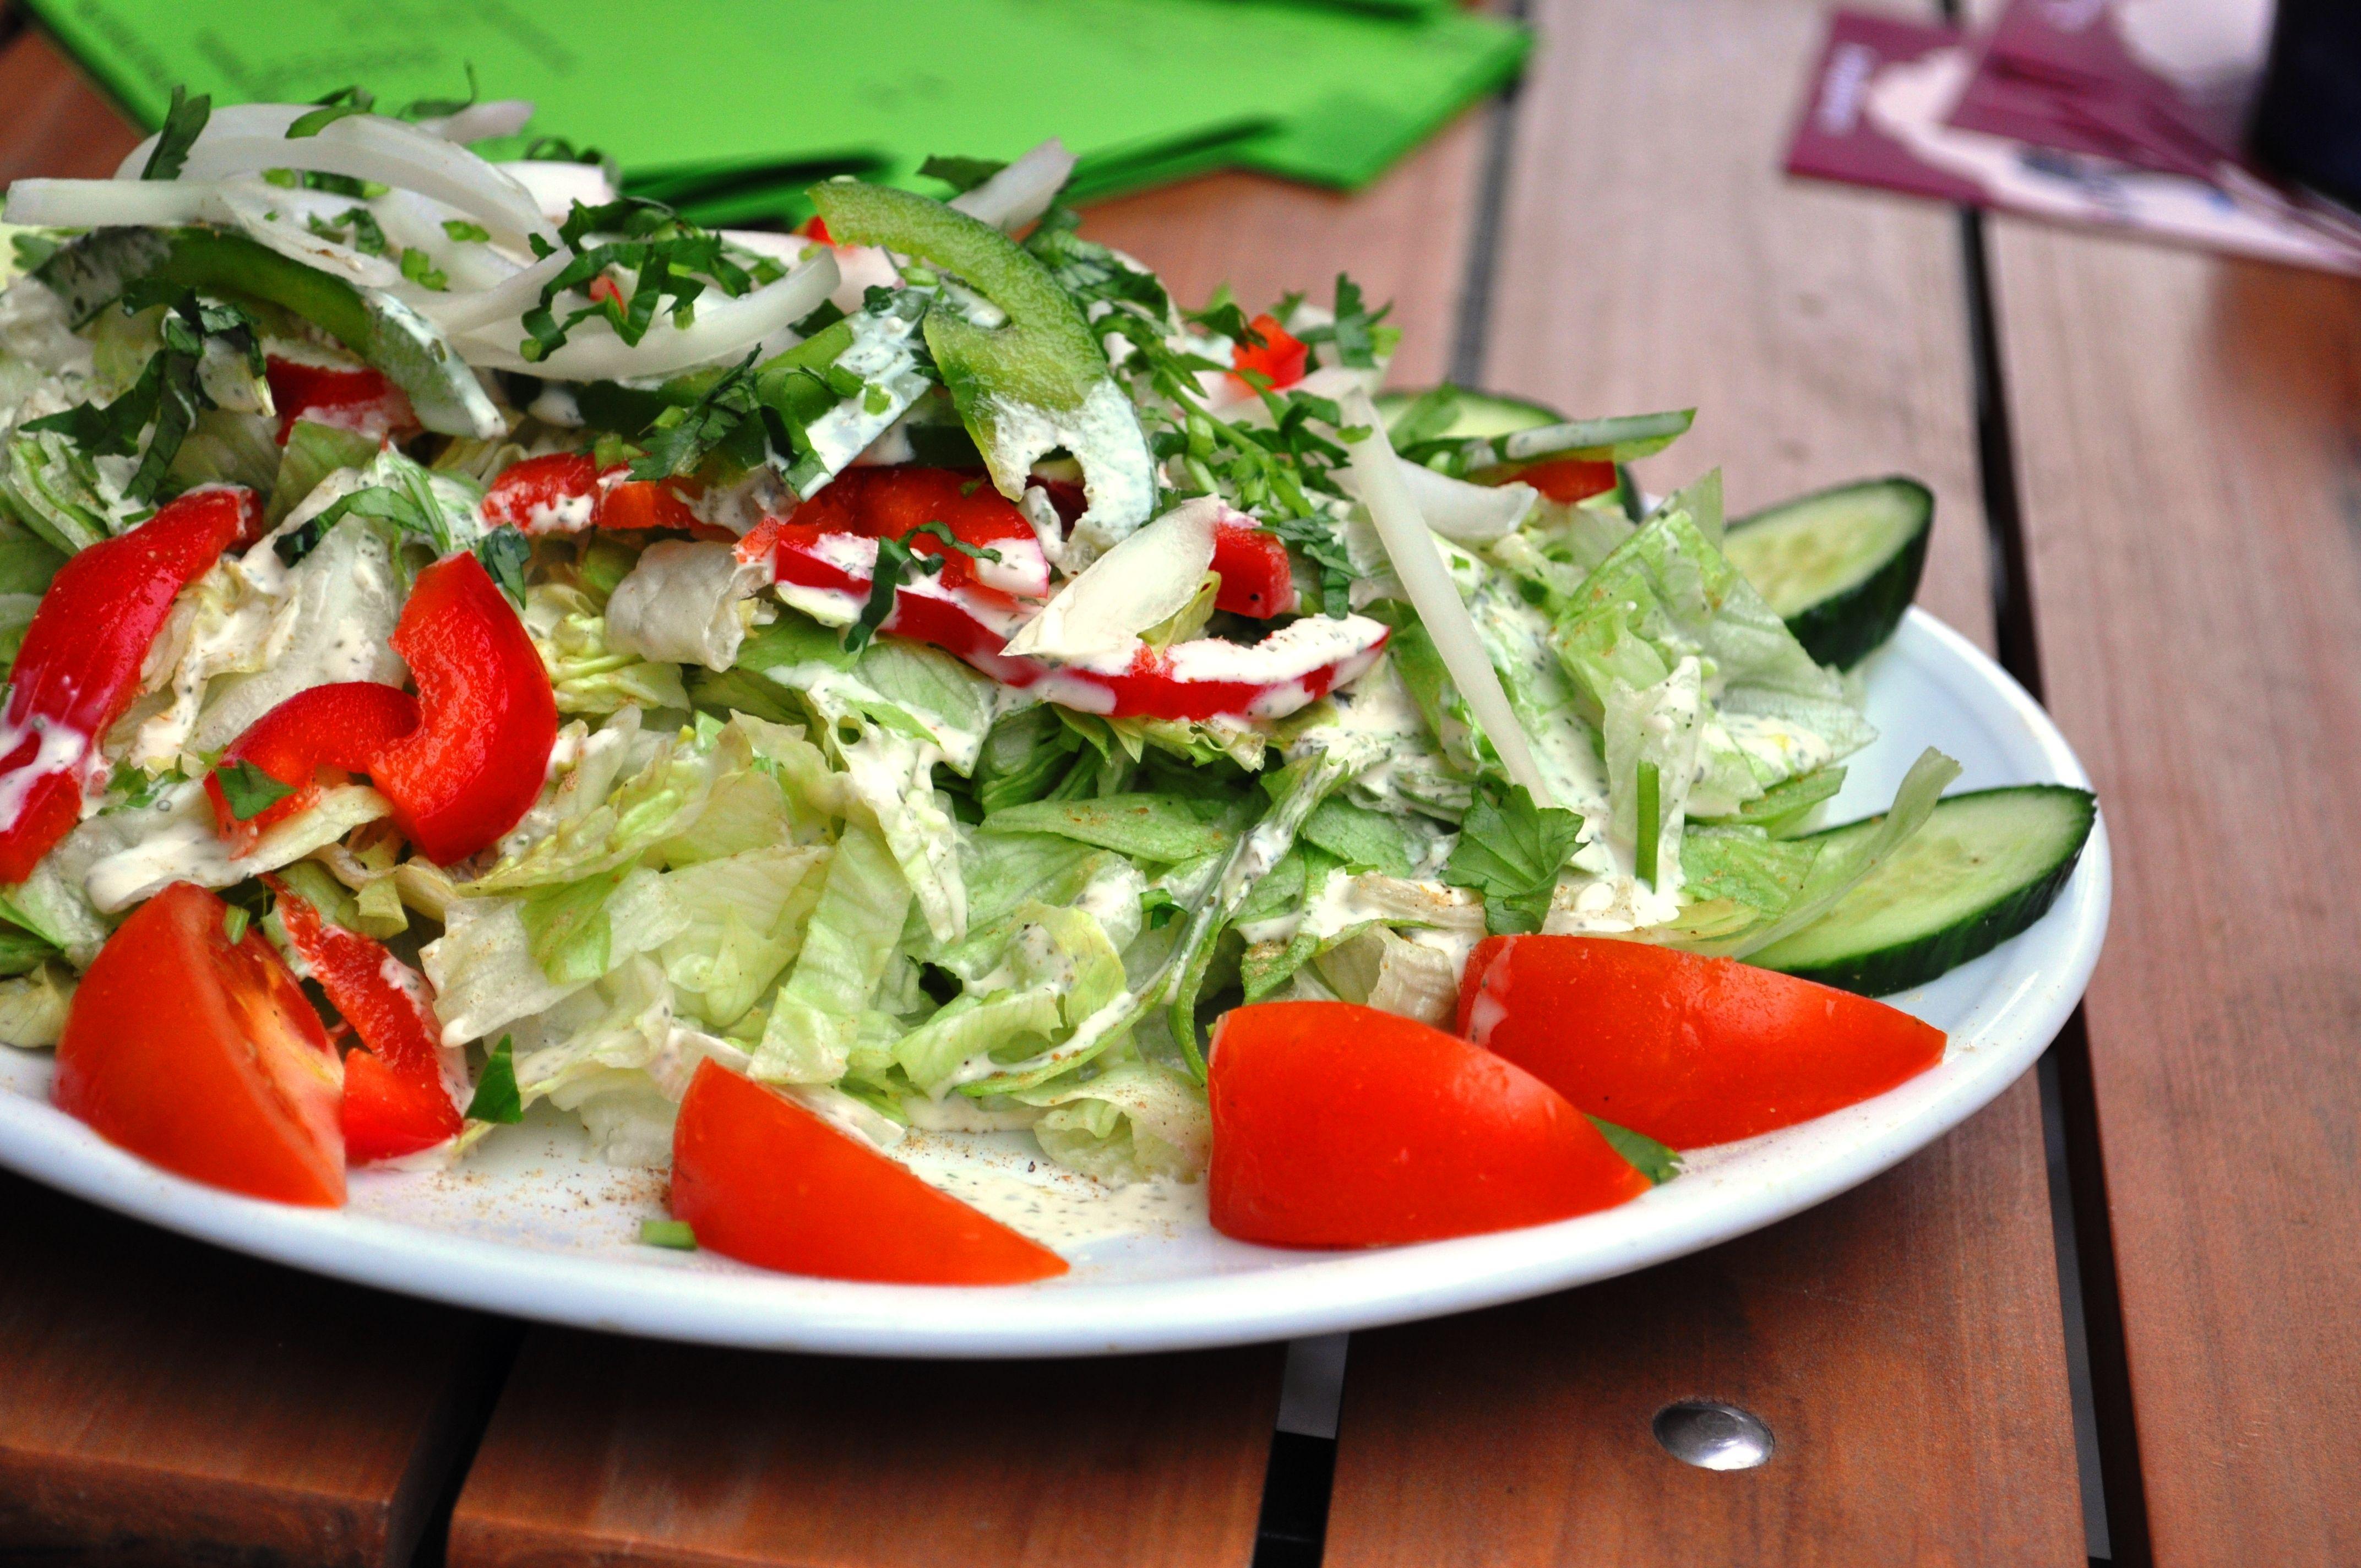 Frischer, knackiger Salat von Singh - Indische Spezialitäten #berlin #indisches #restaurant #vegetarianberlin